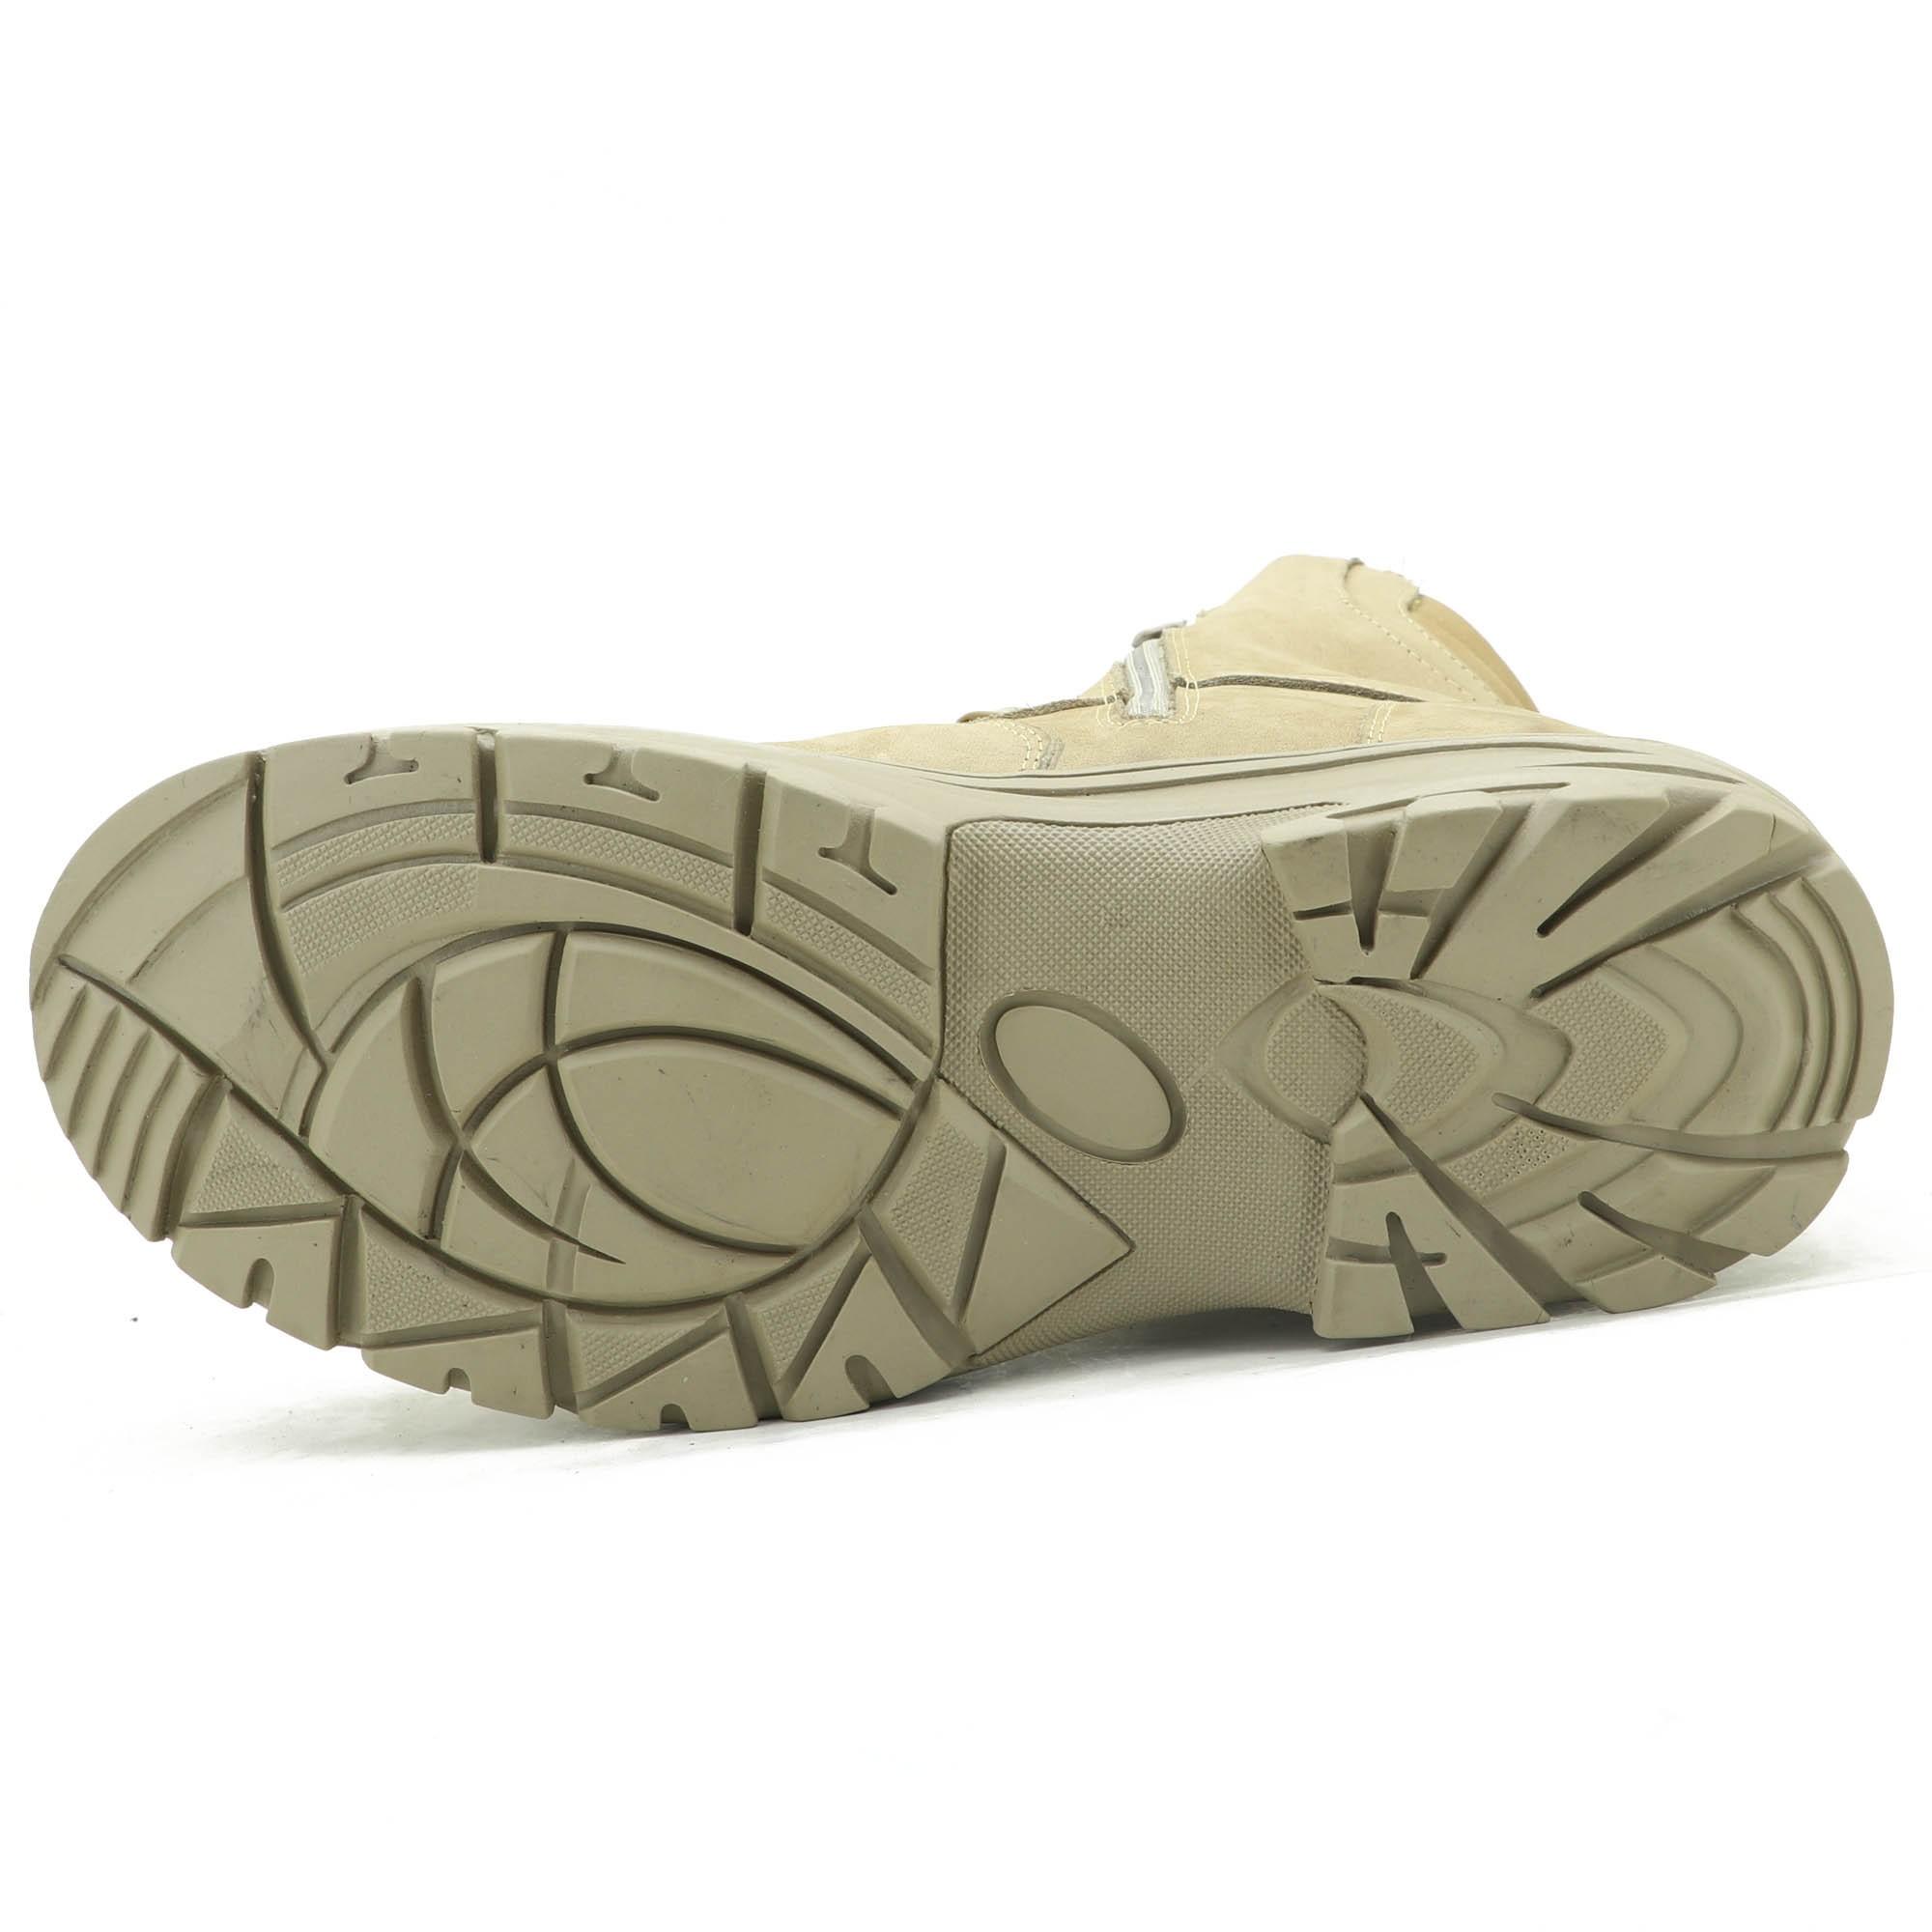 Coturno militar Atron Shoes na cor areia com zíper dos dois lados 303